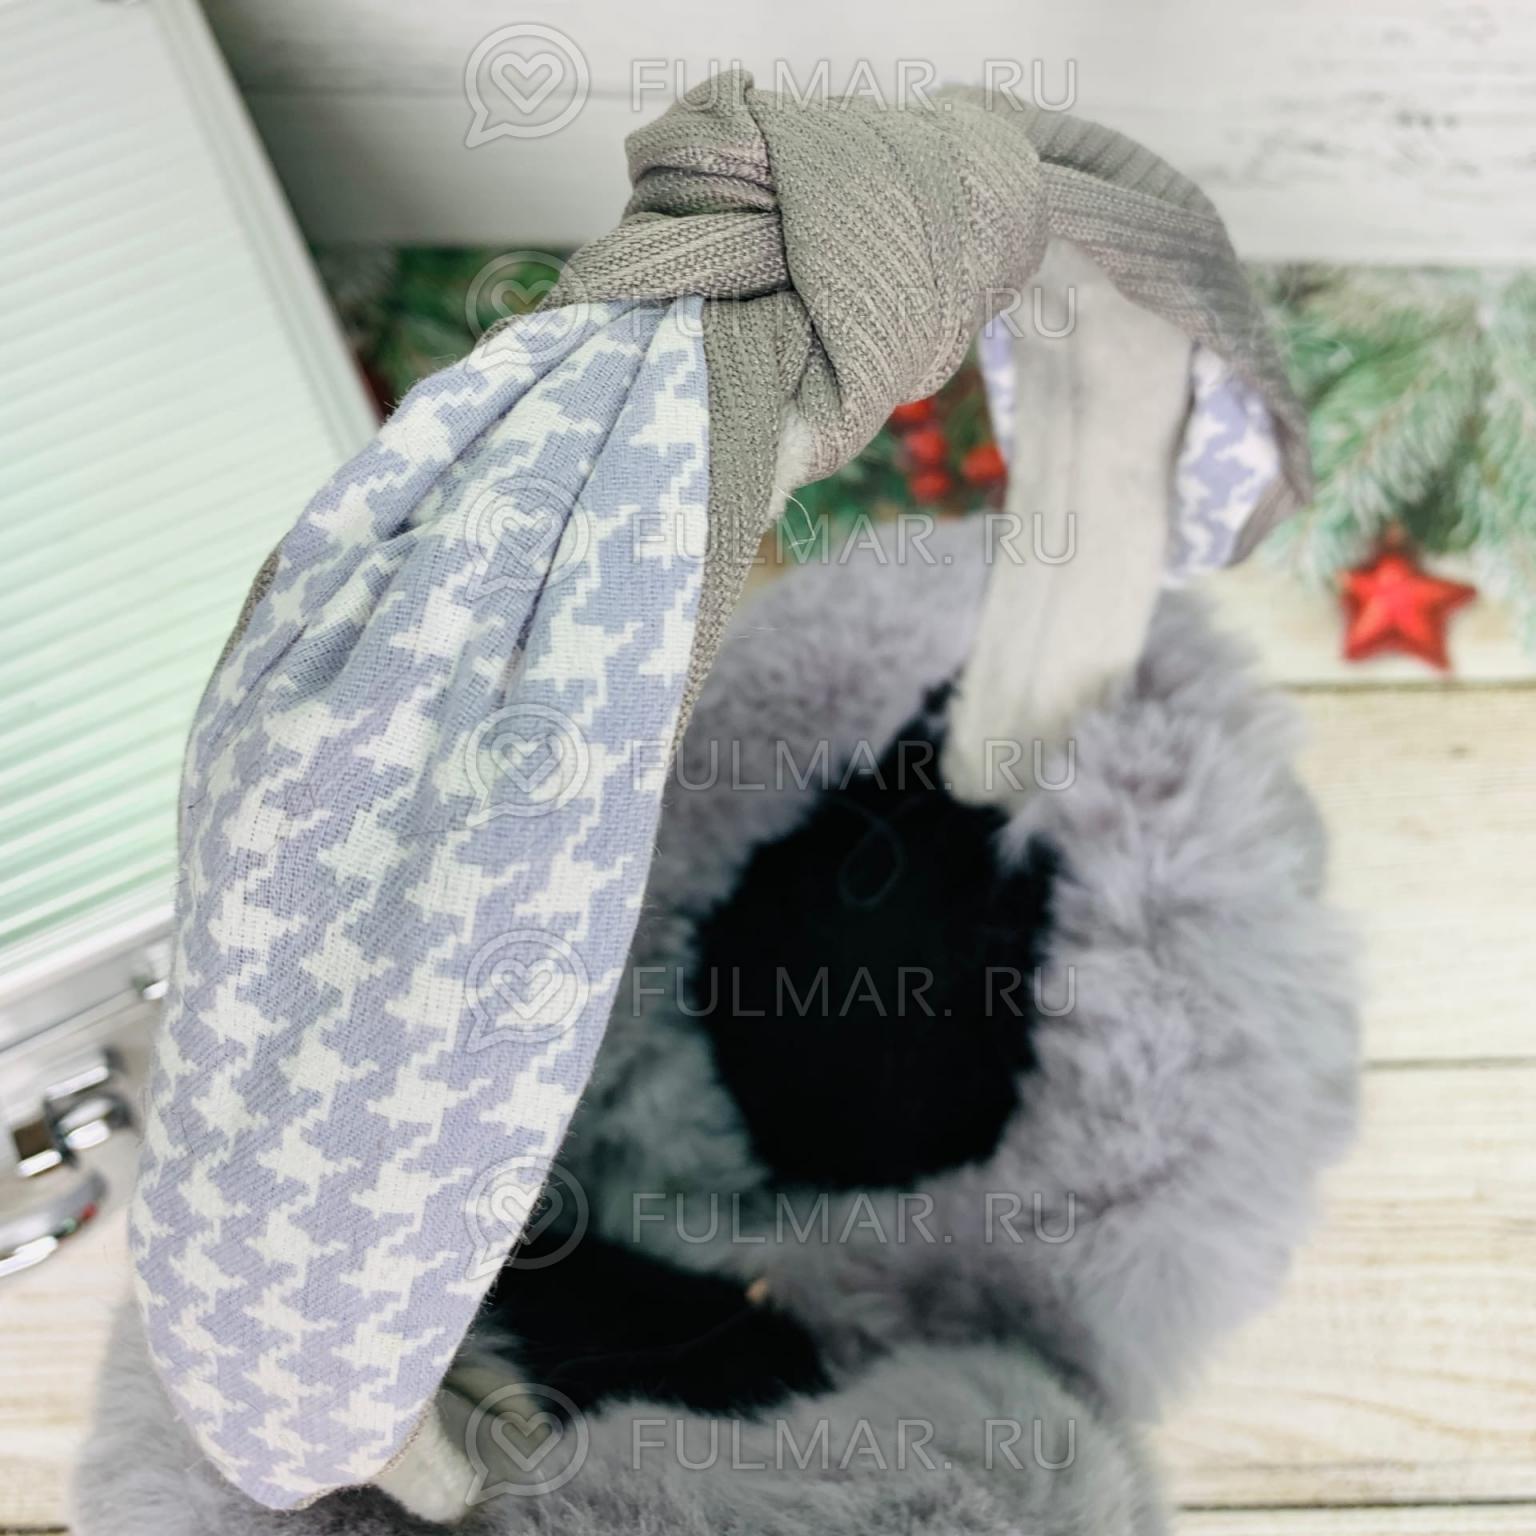 Наушники утеплённые складные Серые с ободком-узлом Lolita